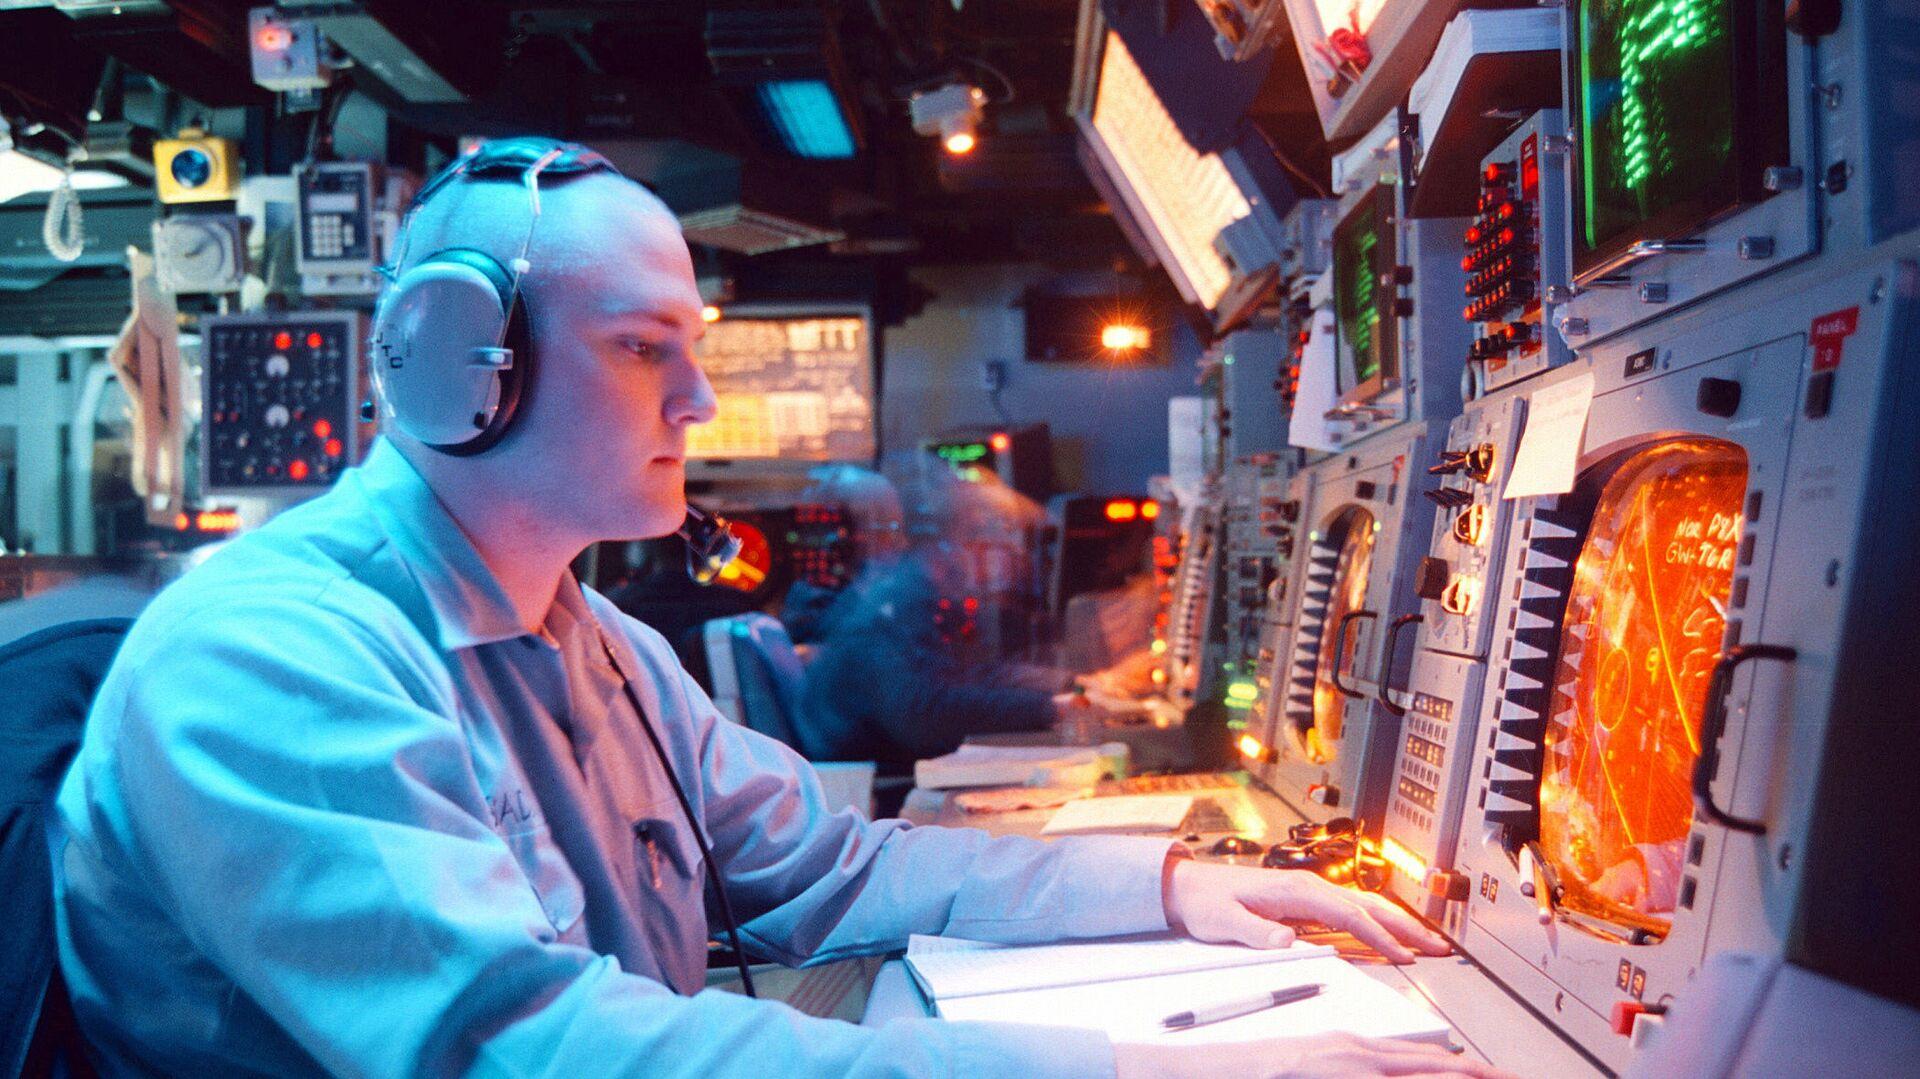 Панель управления системой Aegis на борту ракетного крейсера типа Тикондерога USS Normandy ВМС США - РИА Новости, 1920, 03.09.2020